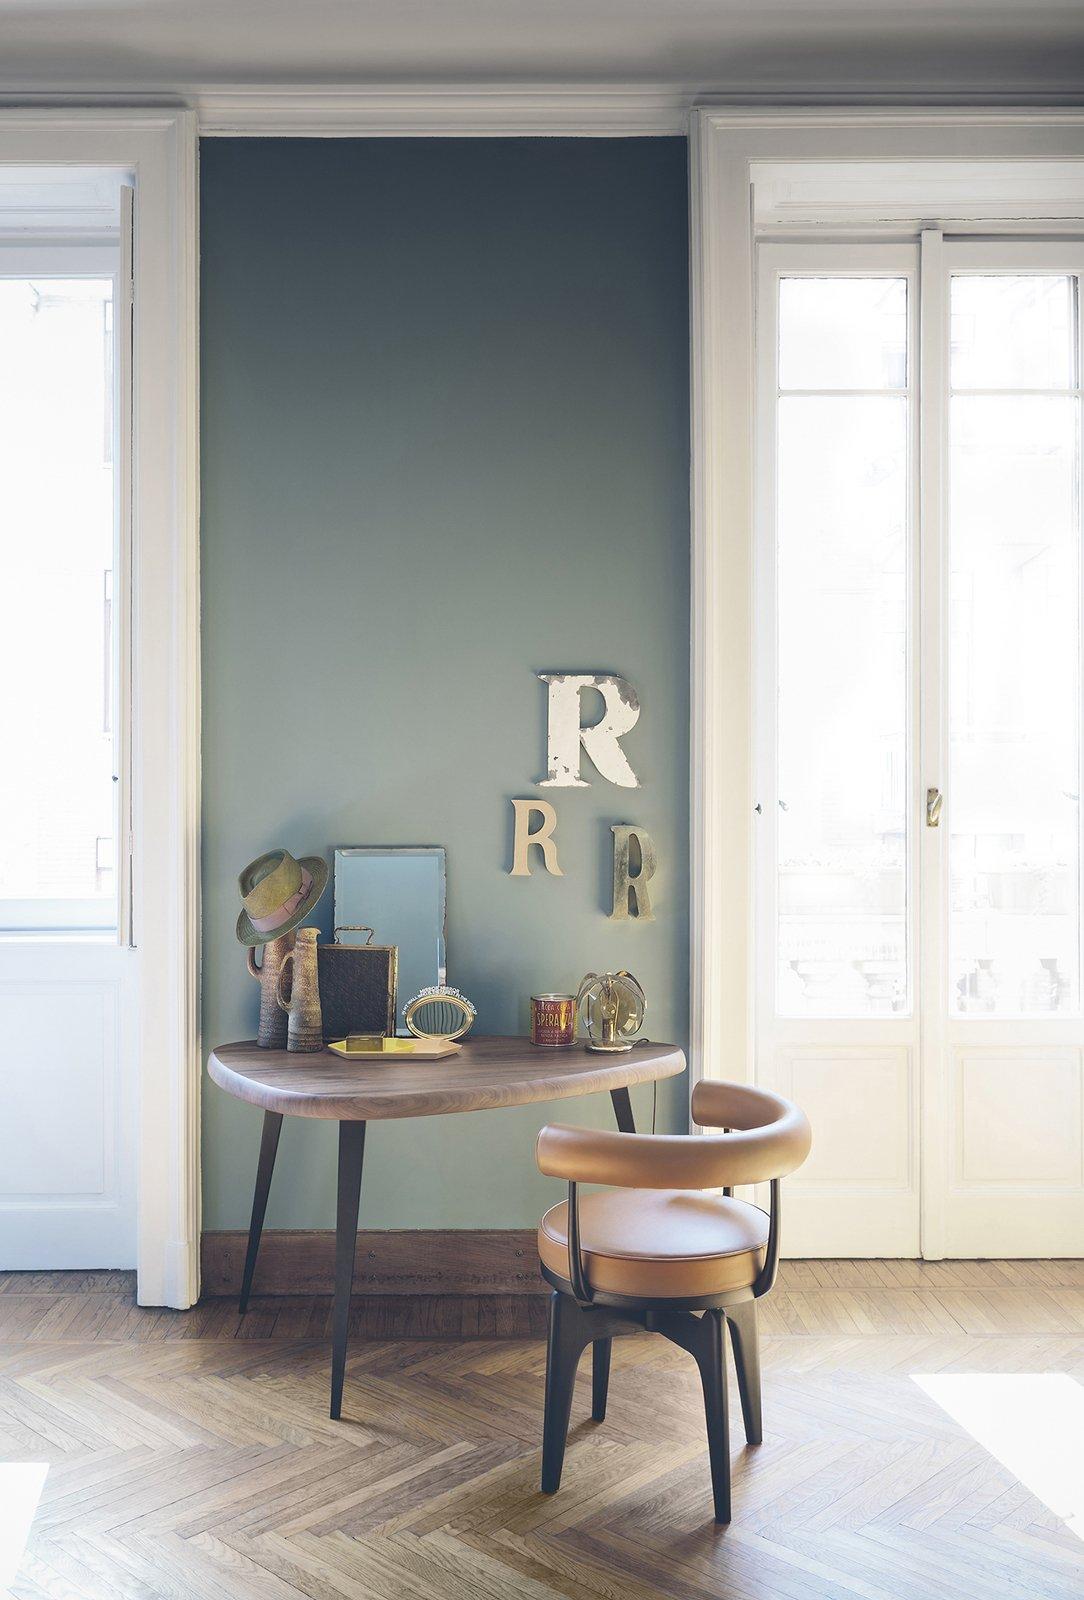 cassina inaugura il nuovo spazio di torino cose di casa. Black Bedroom Furniture Sets. Home Design Ideas